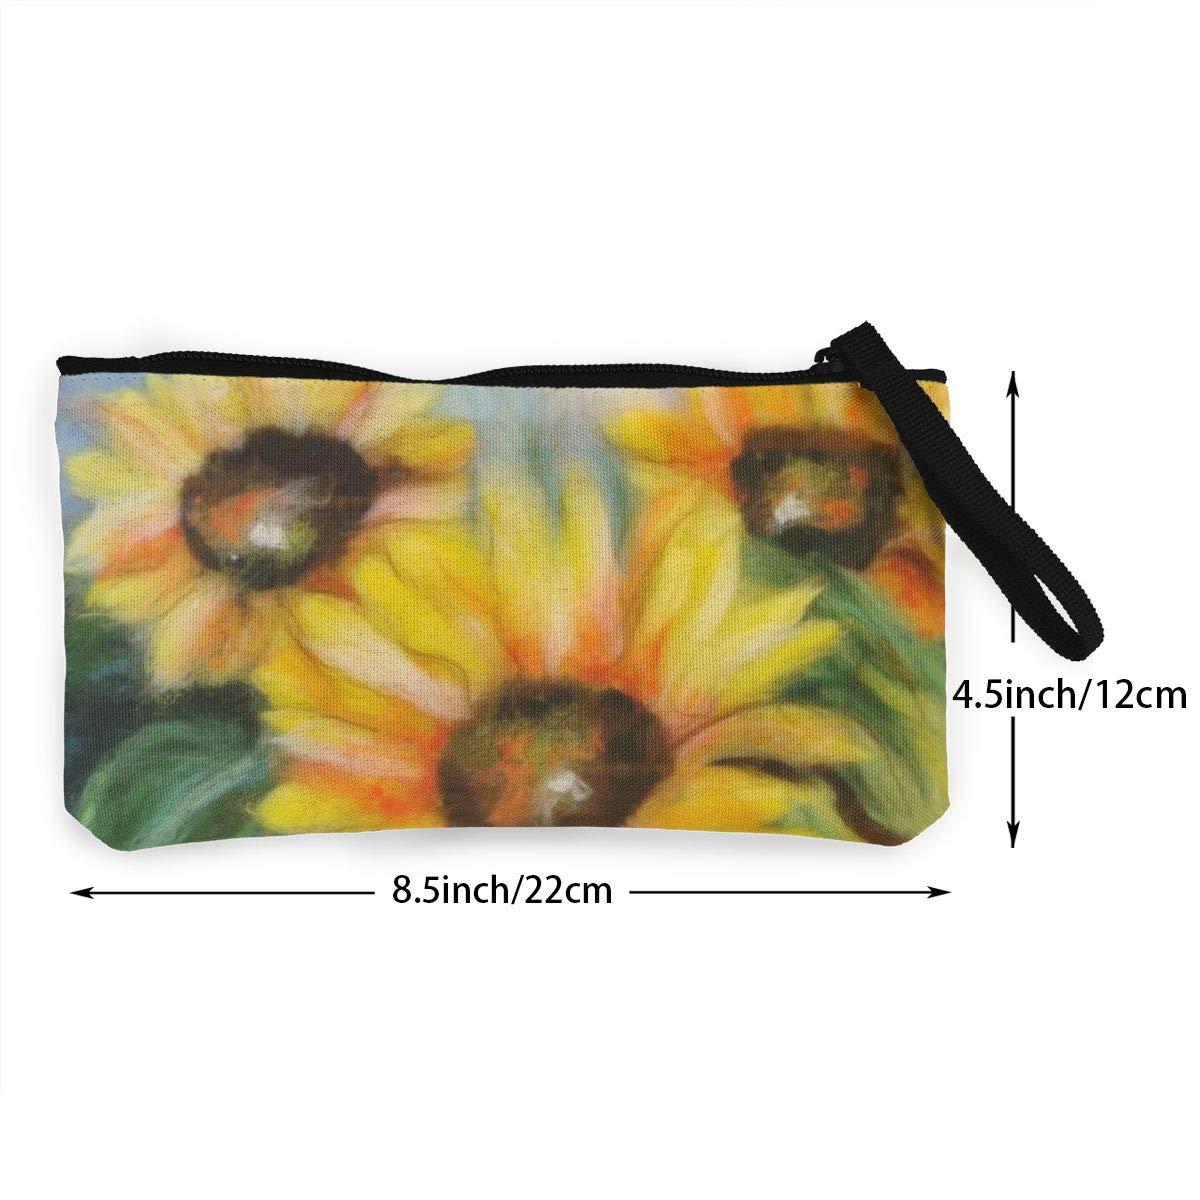 Canvas Cash Coin Purse,Beautiful Sunflower Print Make Up Bag Zipper Small Purse Wallets